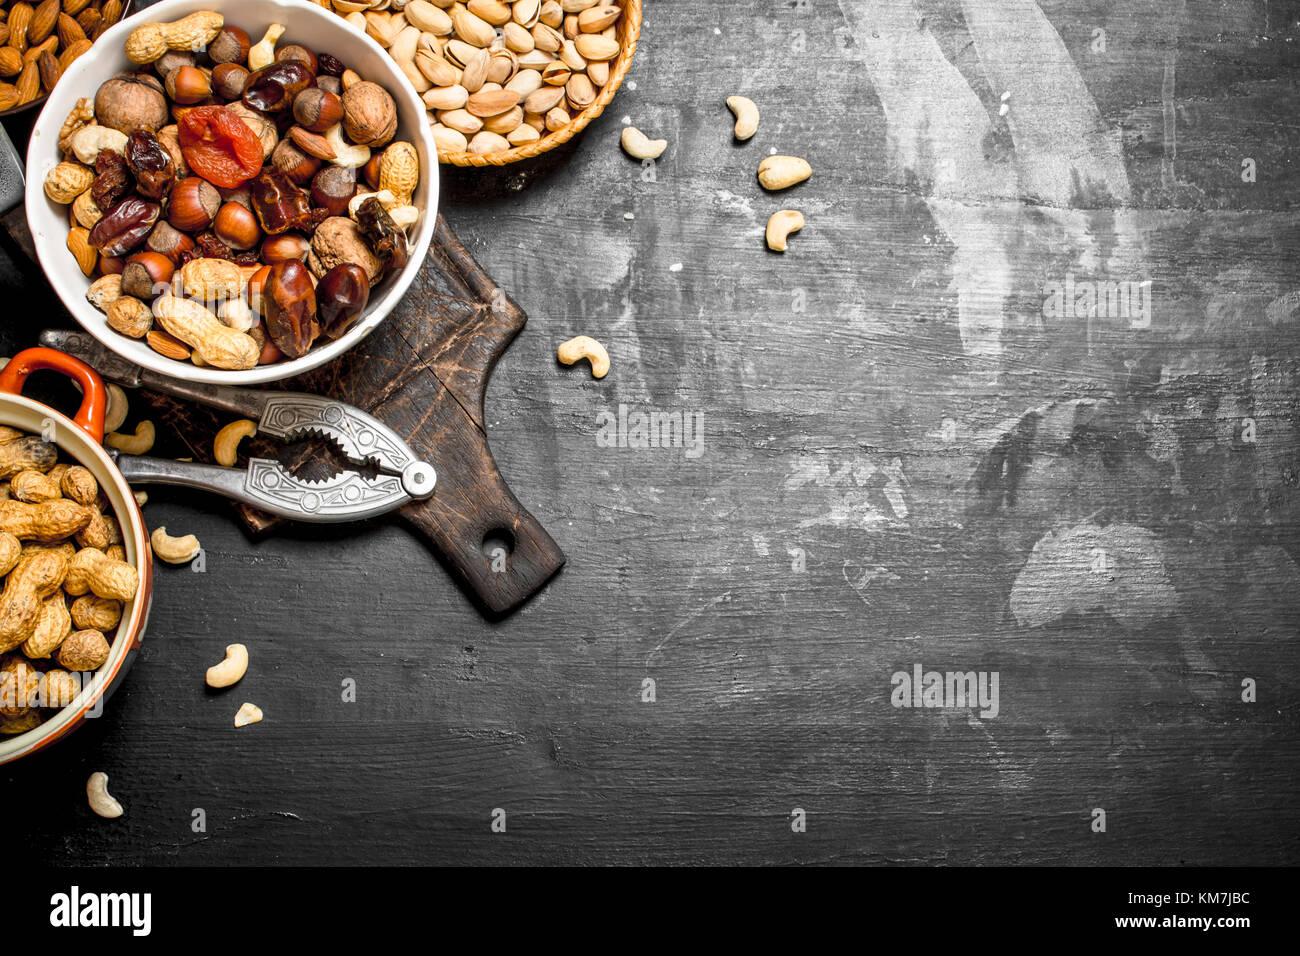 Nueces y frutos secos en un recipiente con un cascanueces. sobre una pizarra negra. Foto de stock